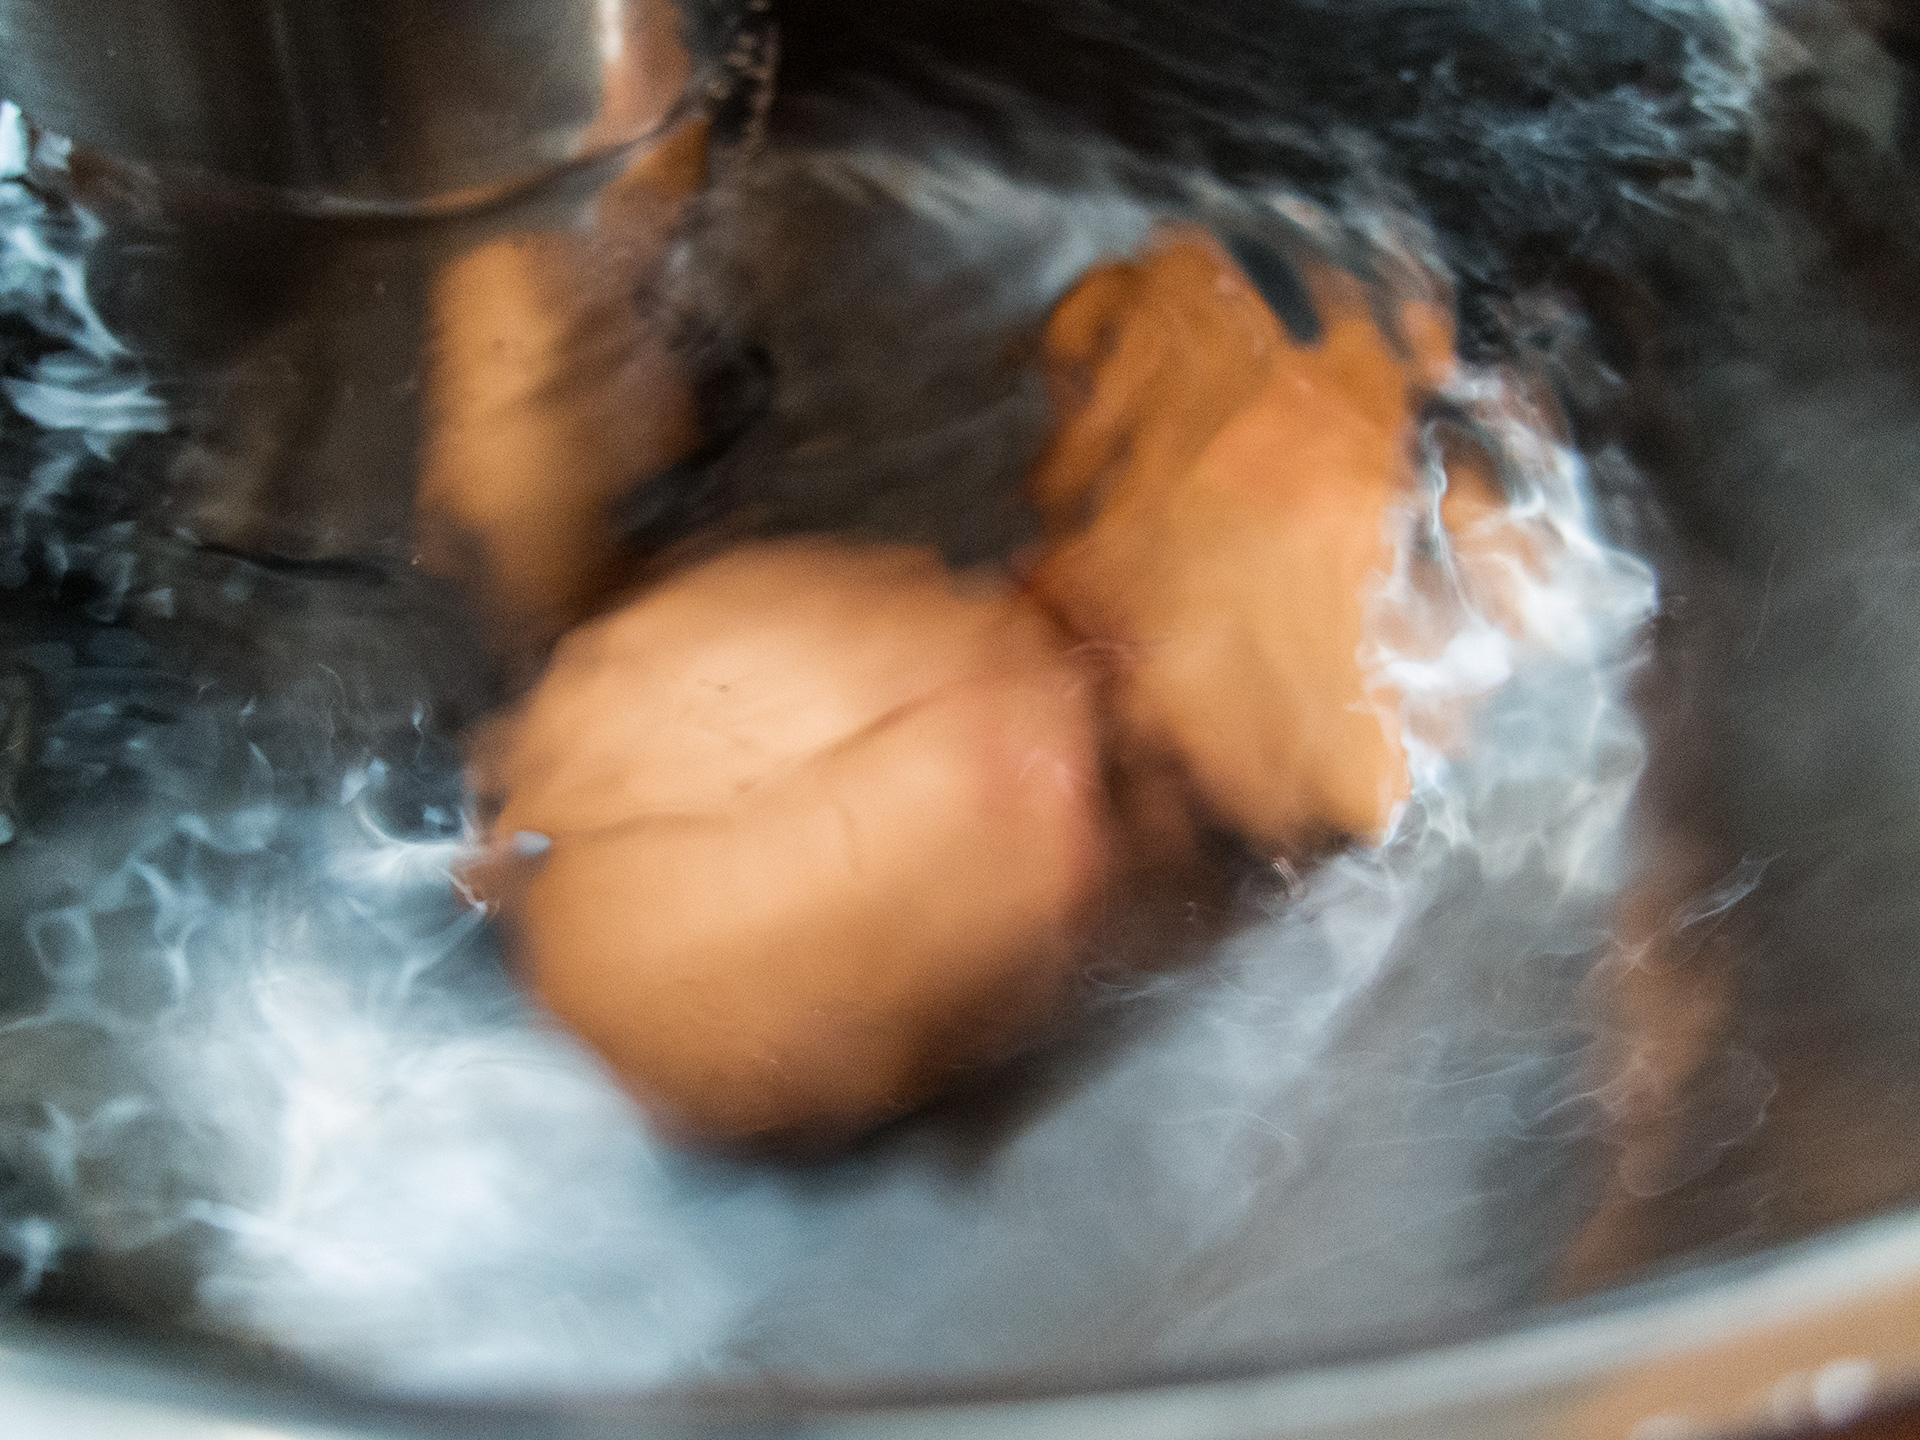 La cuisson (sous vide) à juste température - Comparaison d'un rôti de bœuf au four et cuit à juste température - Oeufs dans l'eau